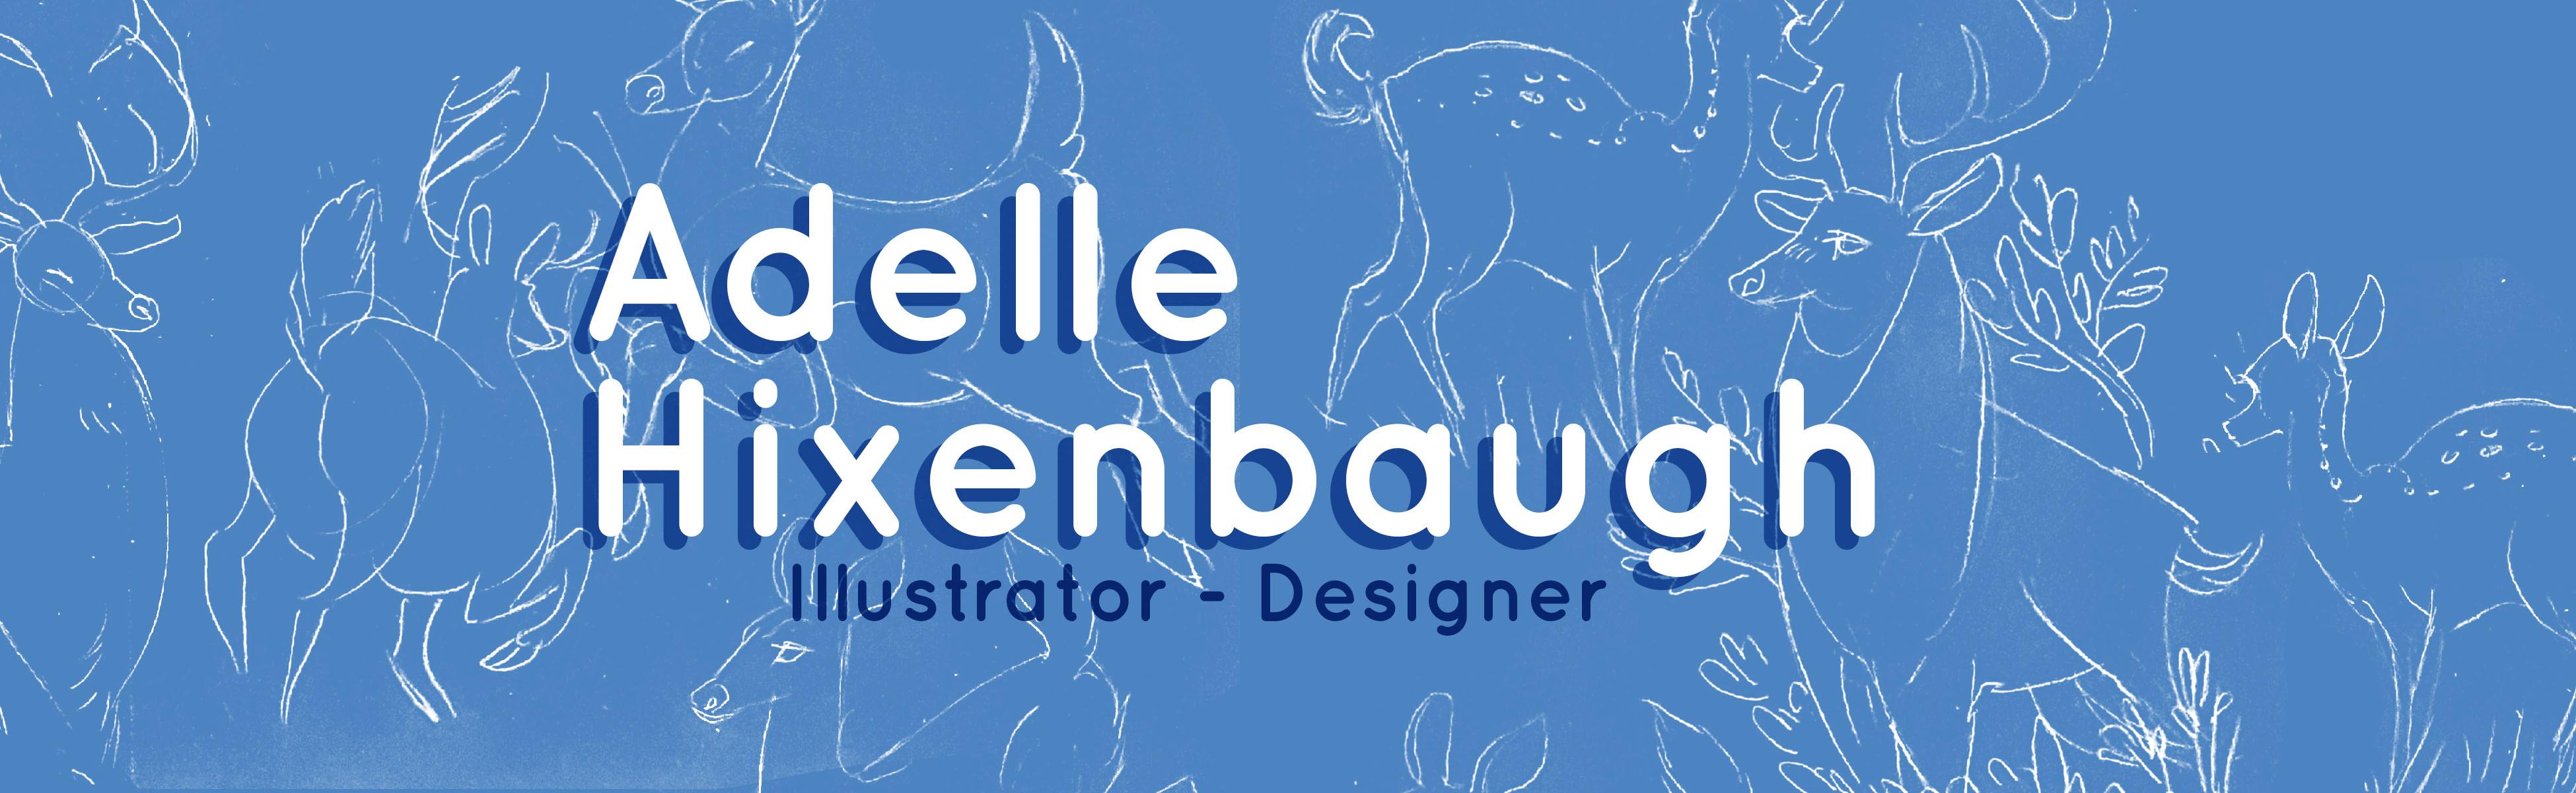 Adelle Hixenbaugh